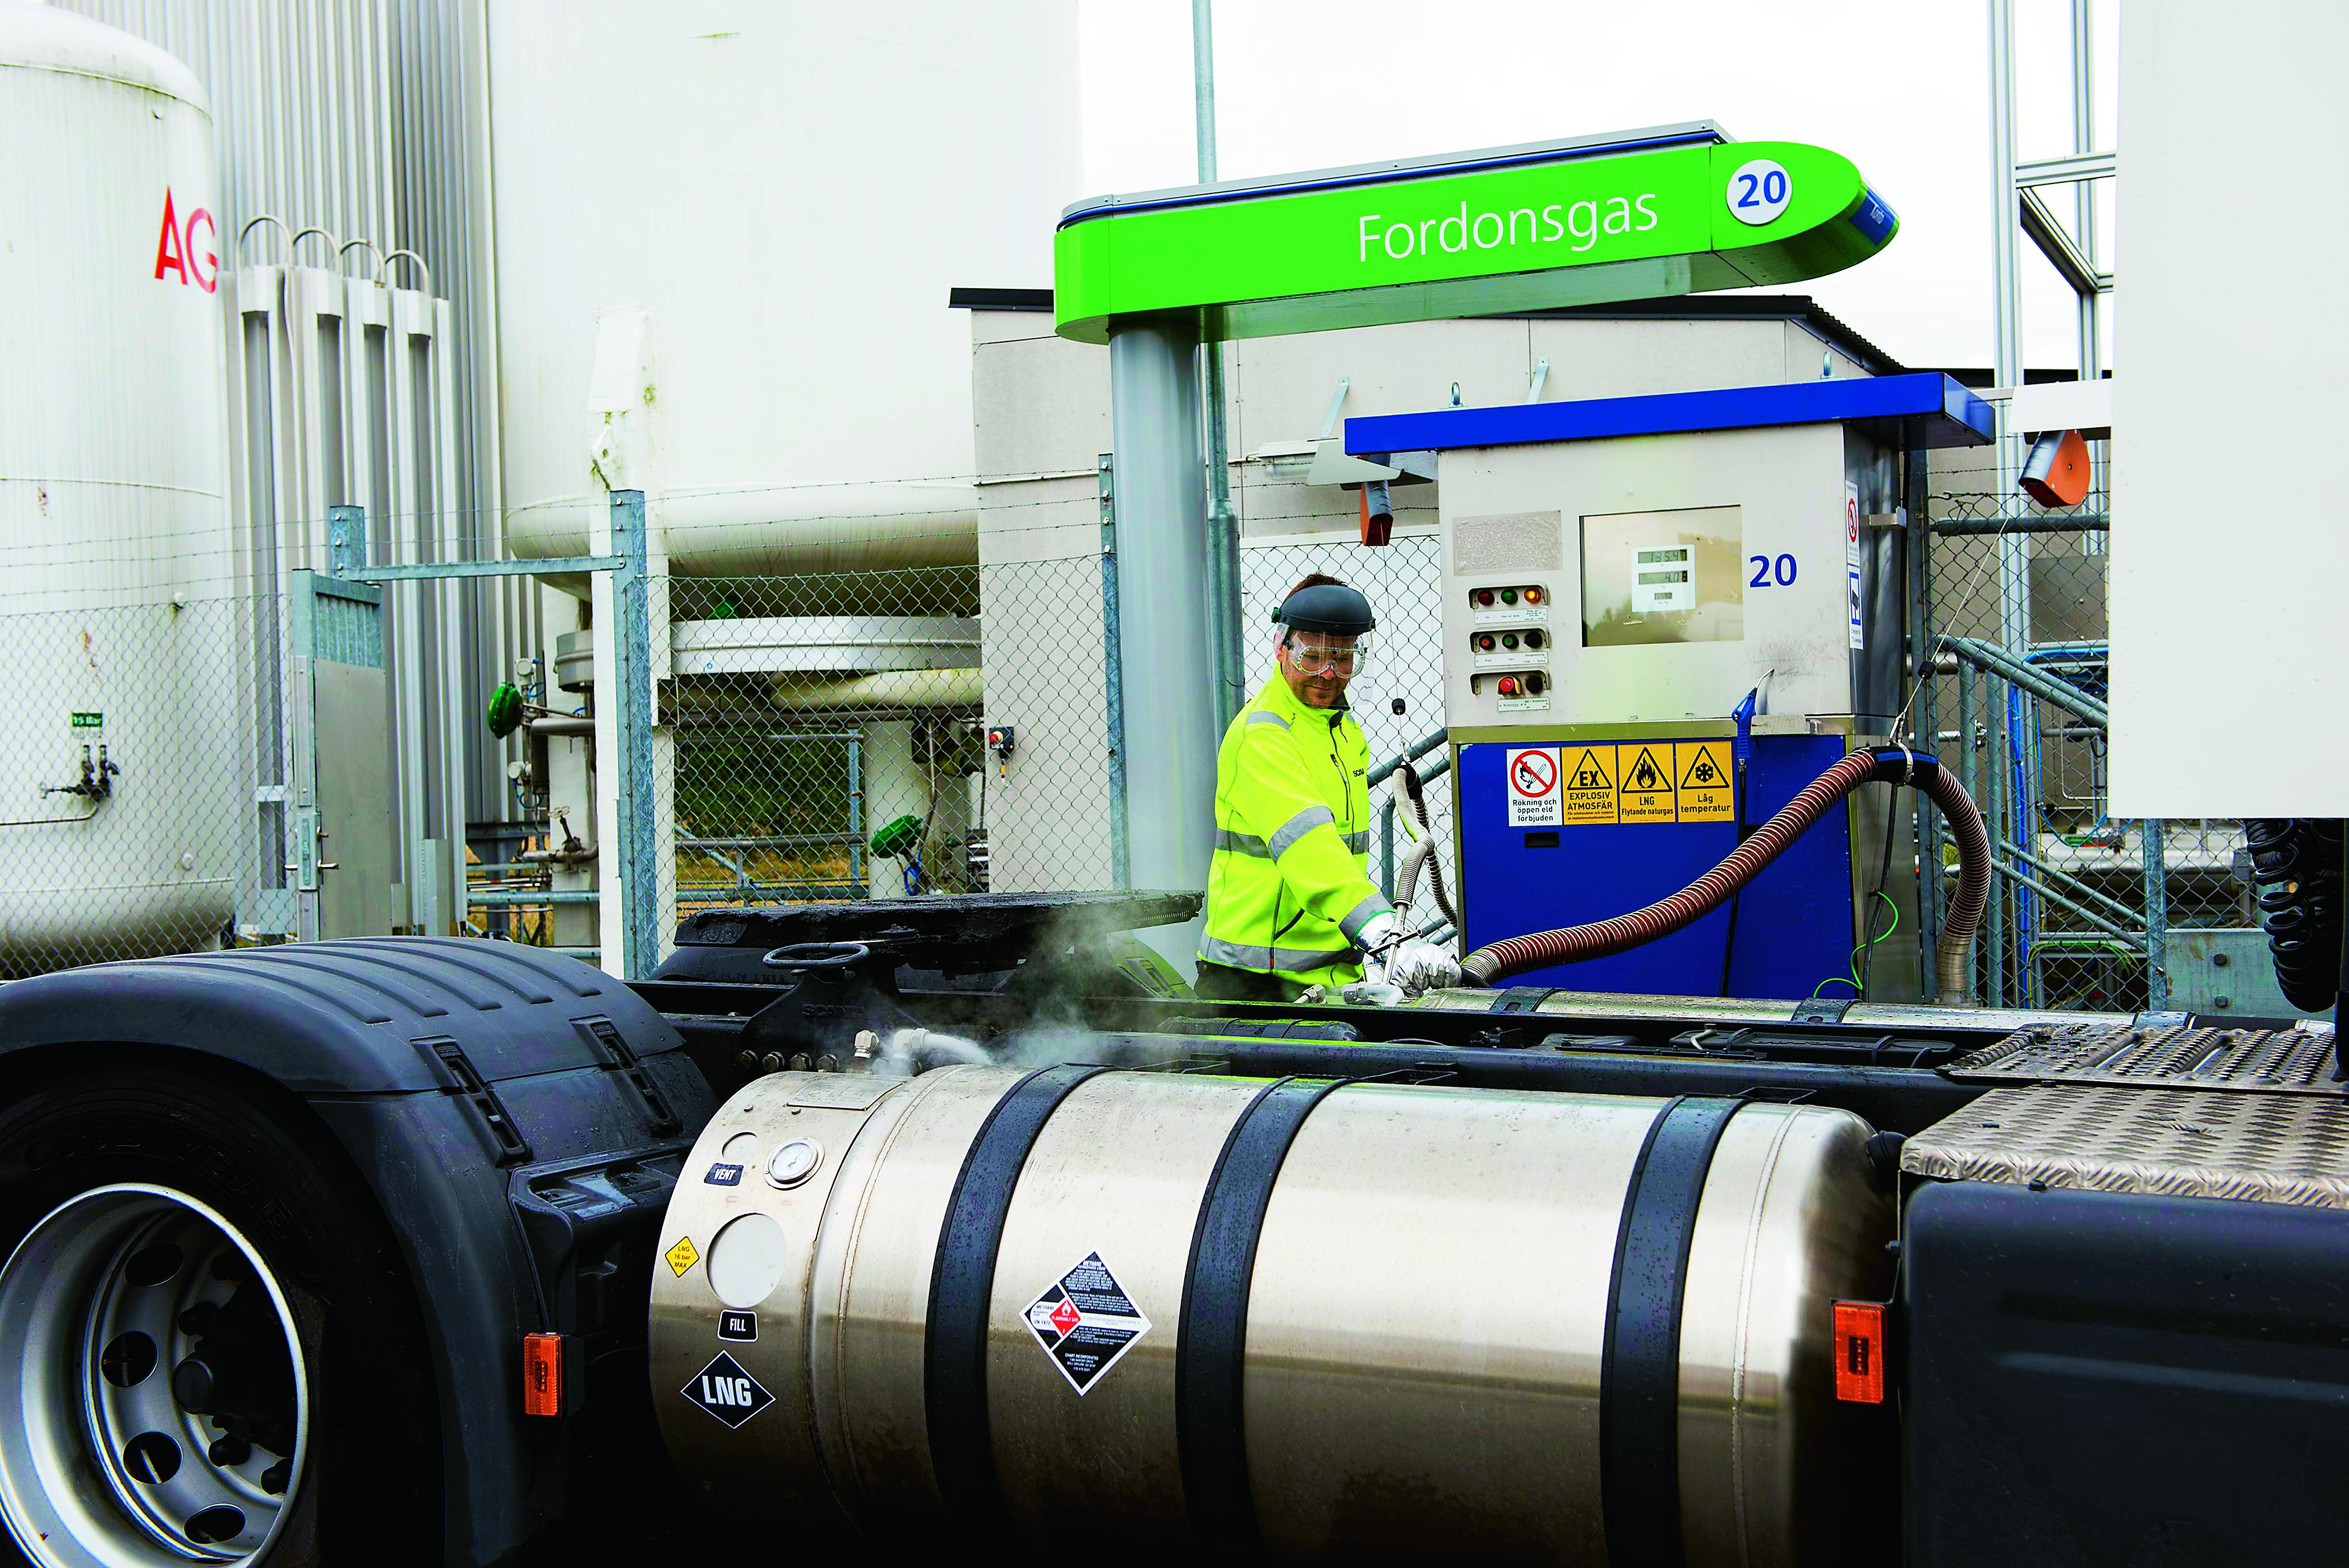 Rekordforsaljning av fordonsgas